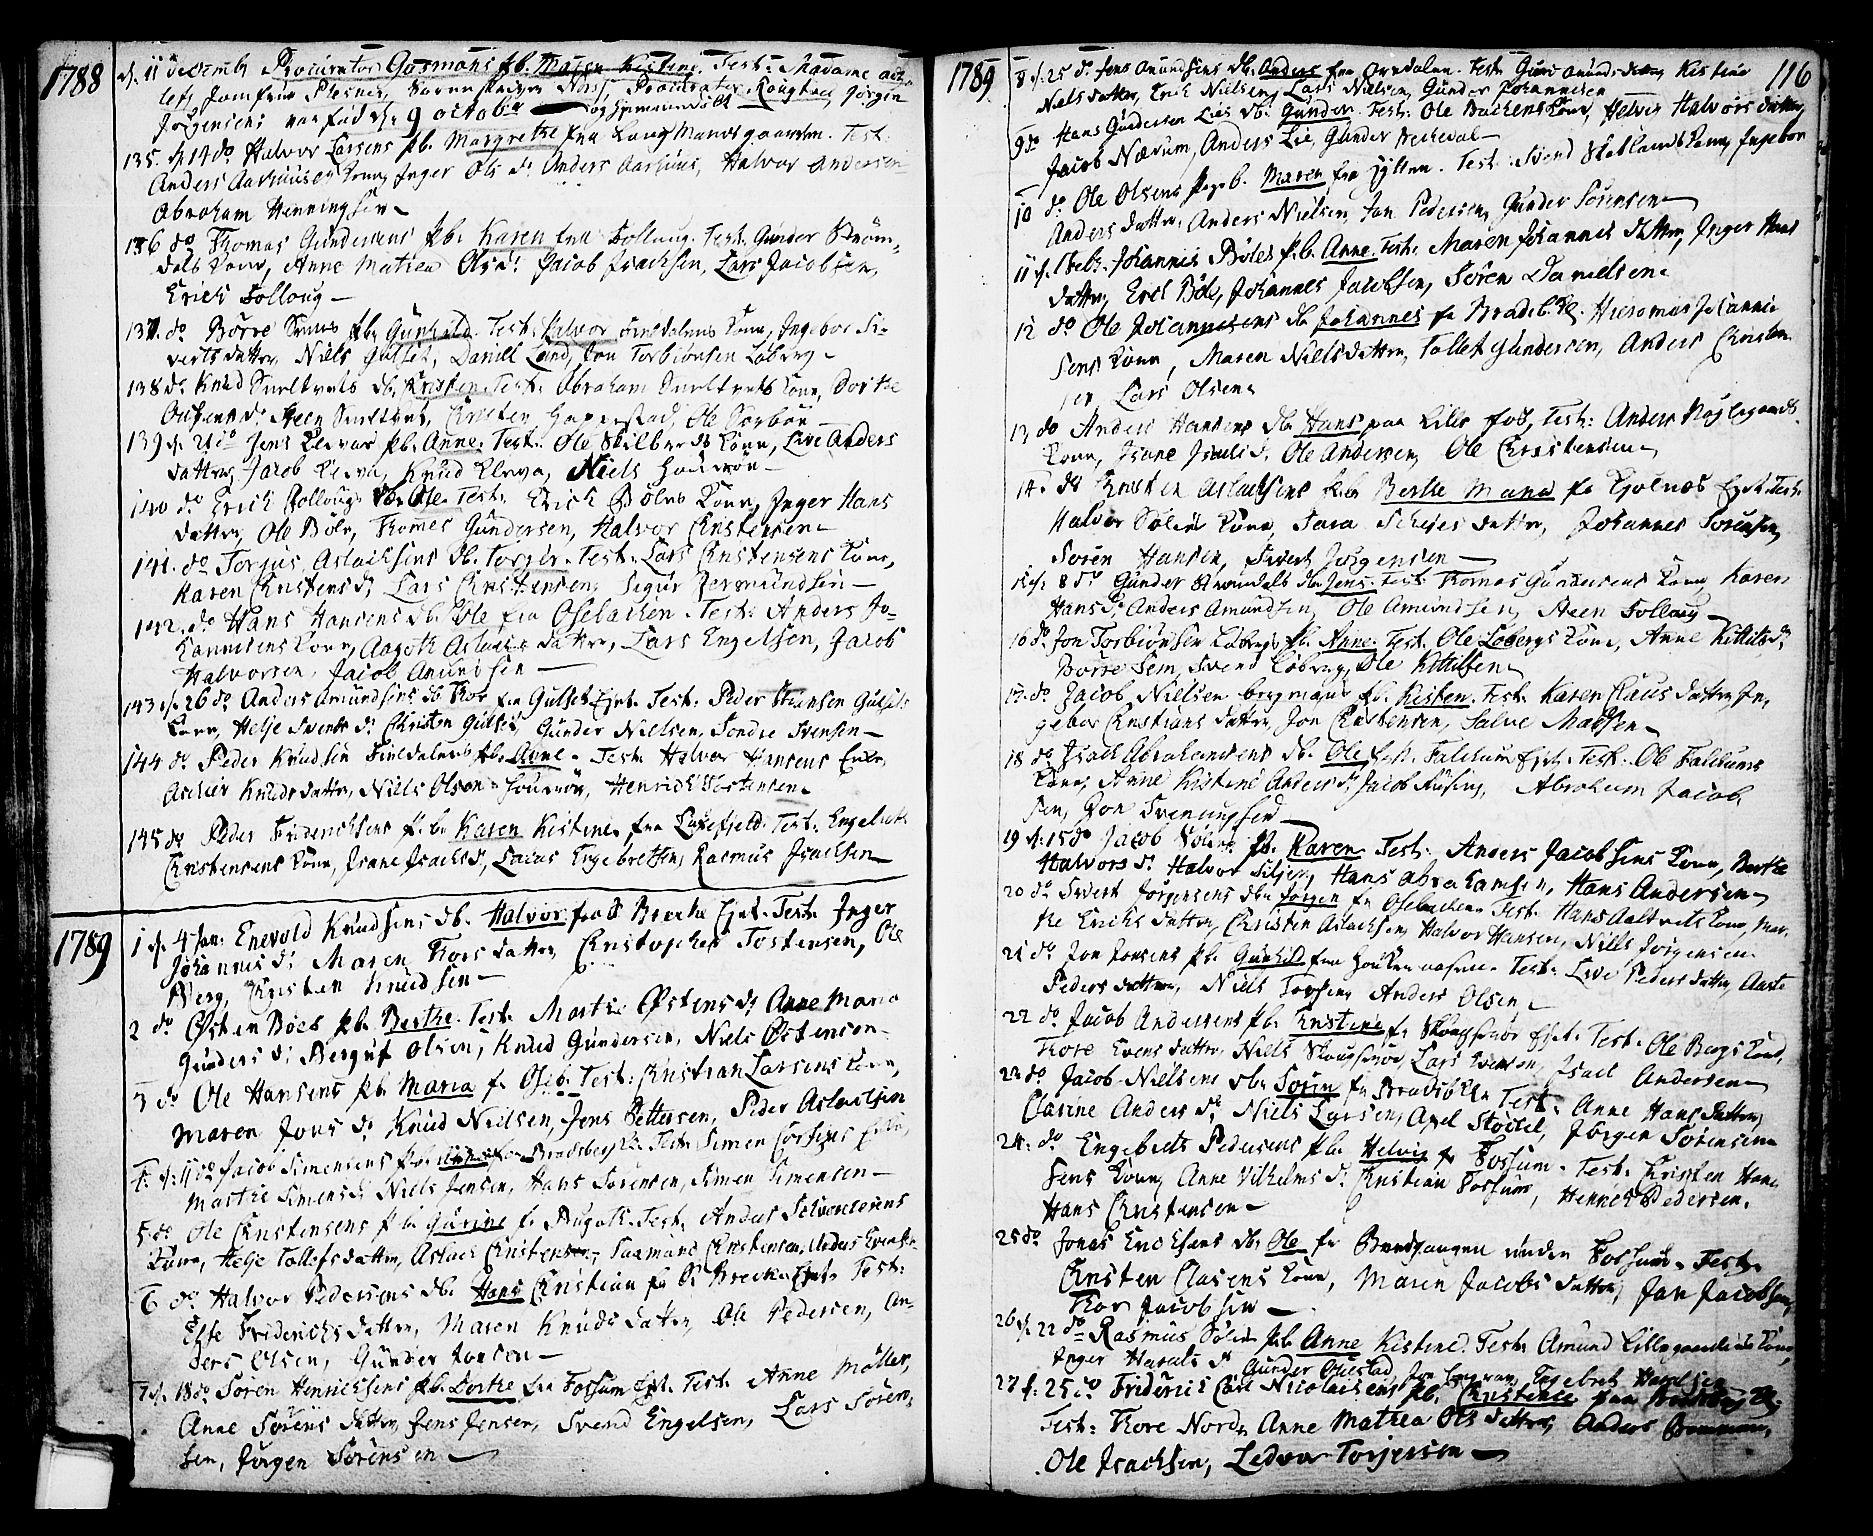 SAKO, Gjerpen kirkebøker, F/Fa/L0002: Ministerialbok nr. 2, 1747-1795, s. 116